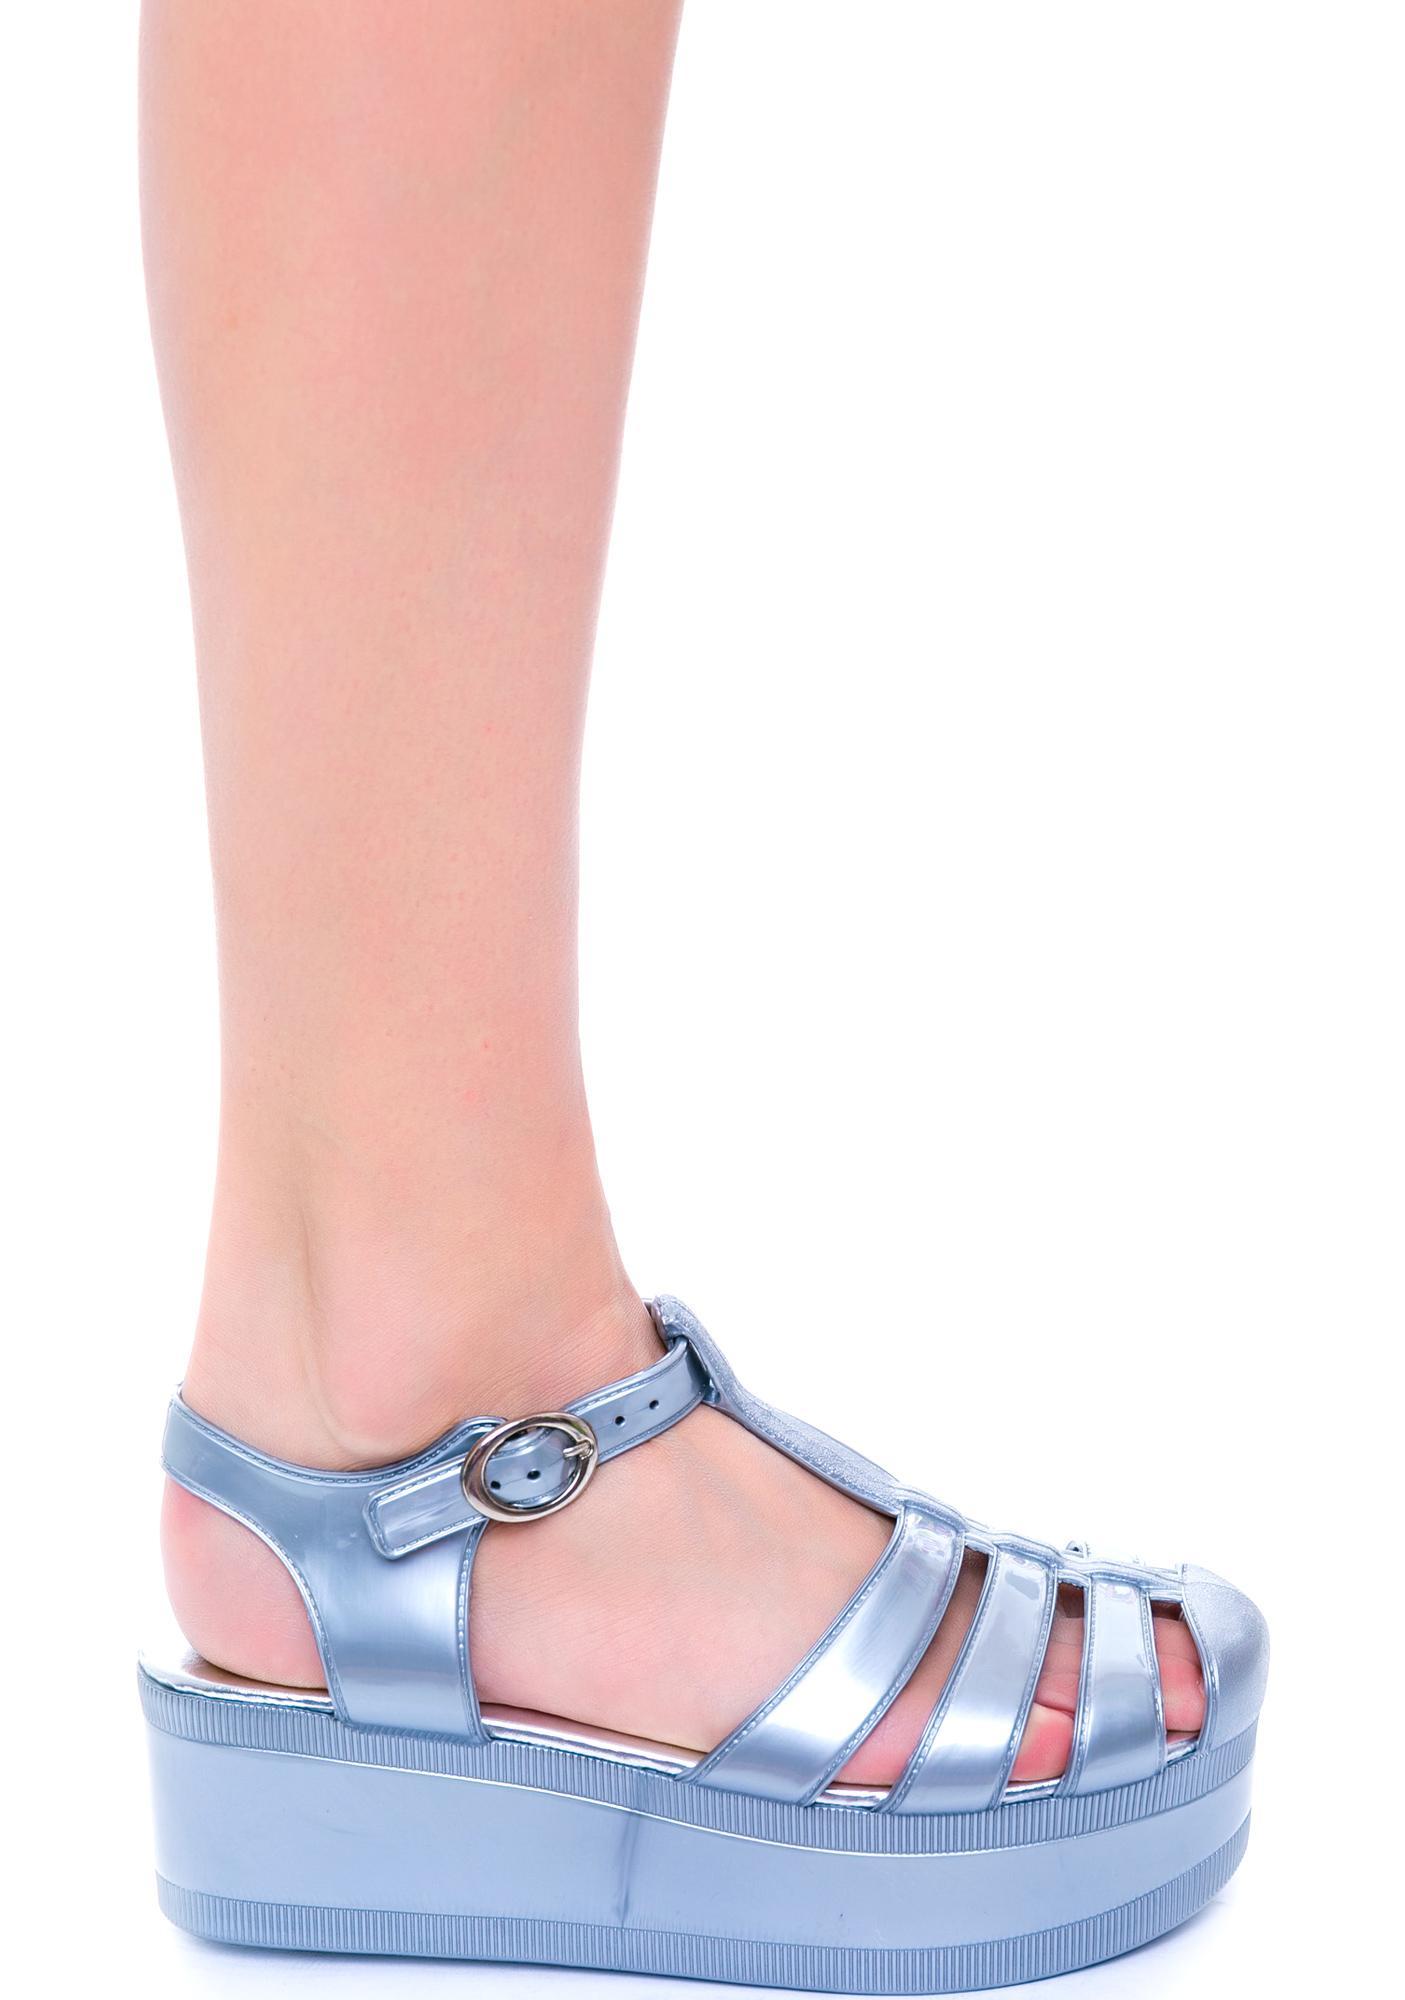 2cad804f7f3 Jellypop Platform Sandal · Jellypop Platform Sandal